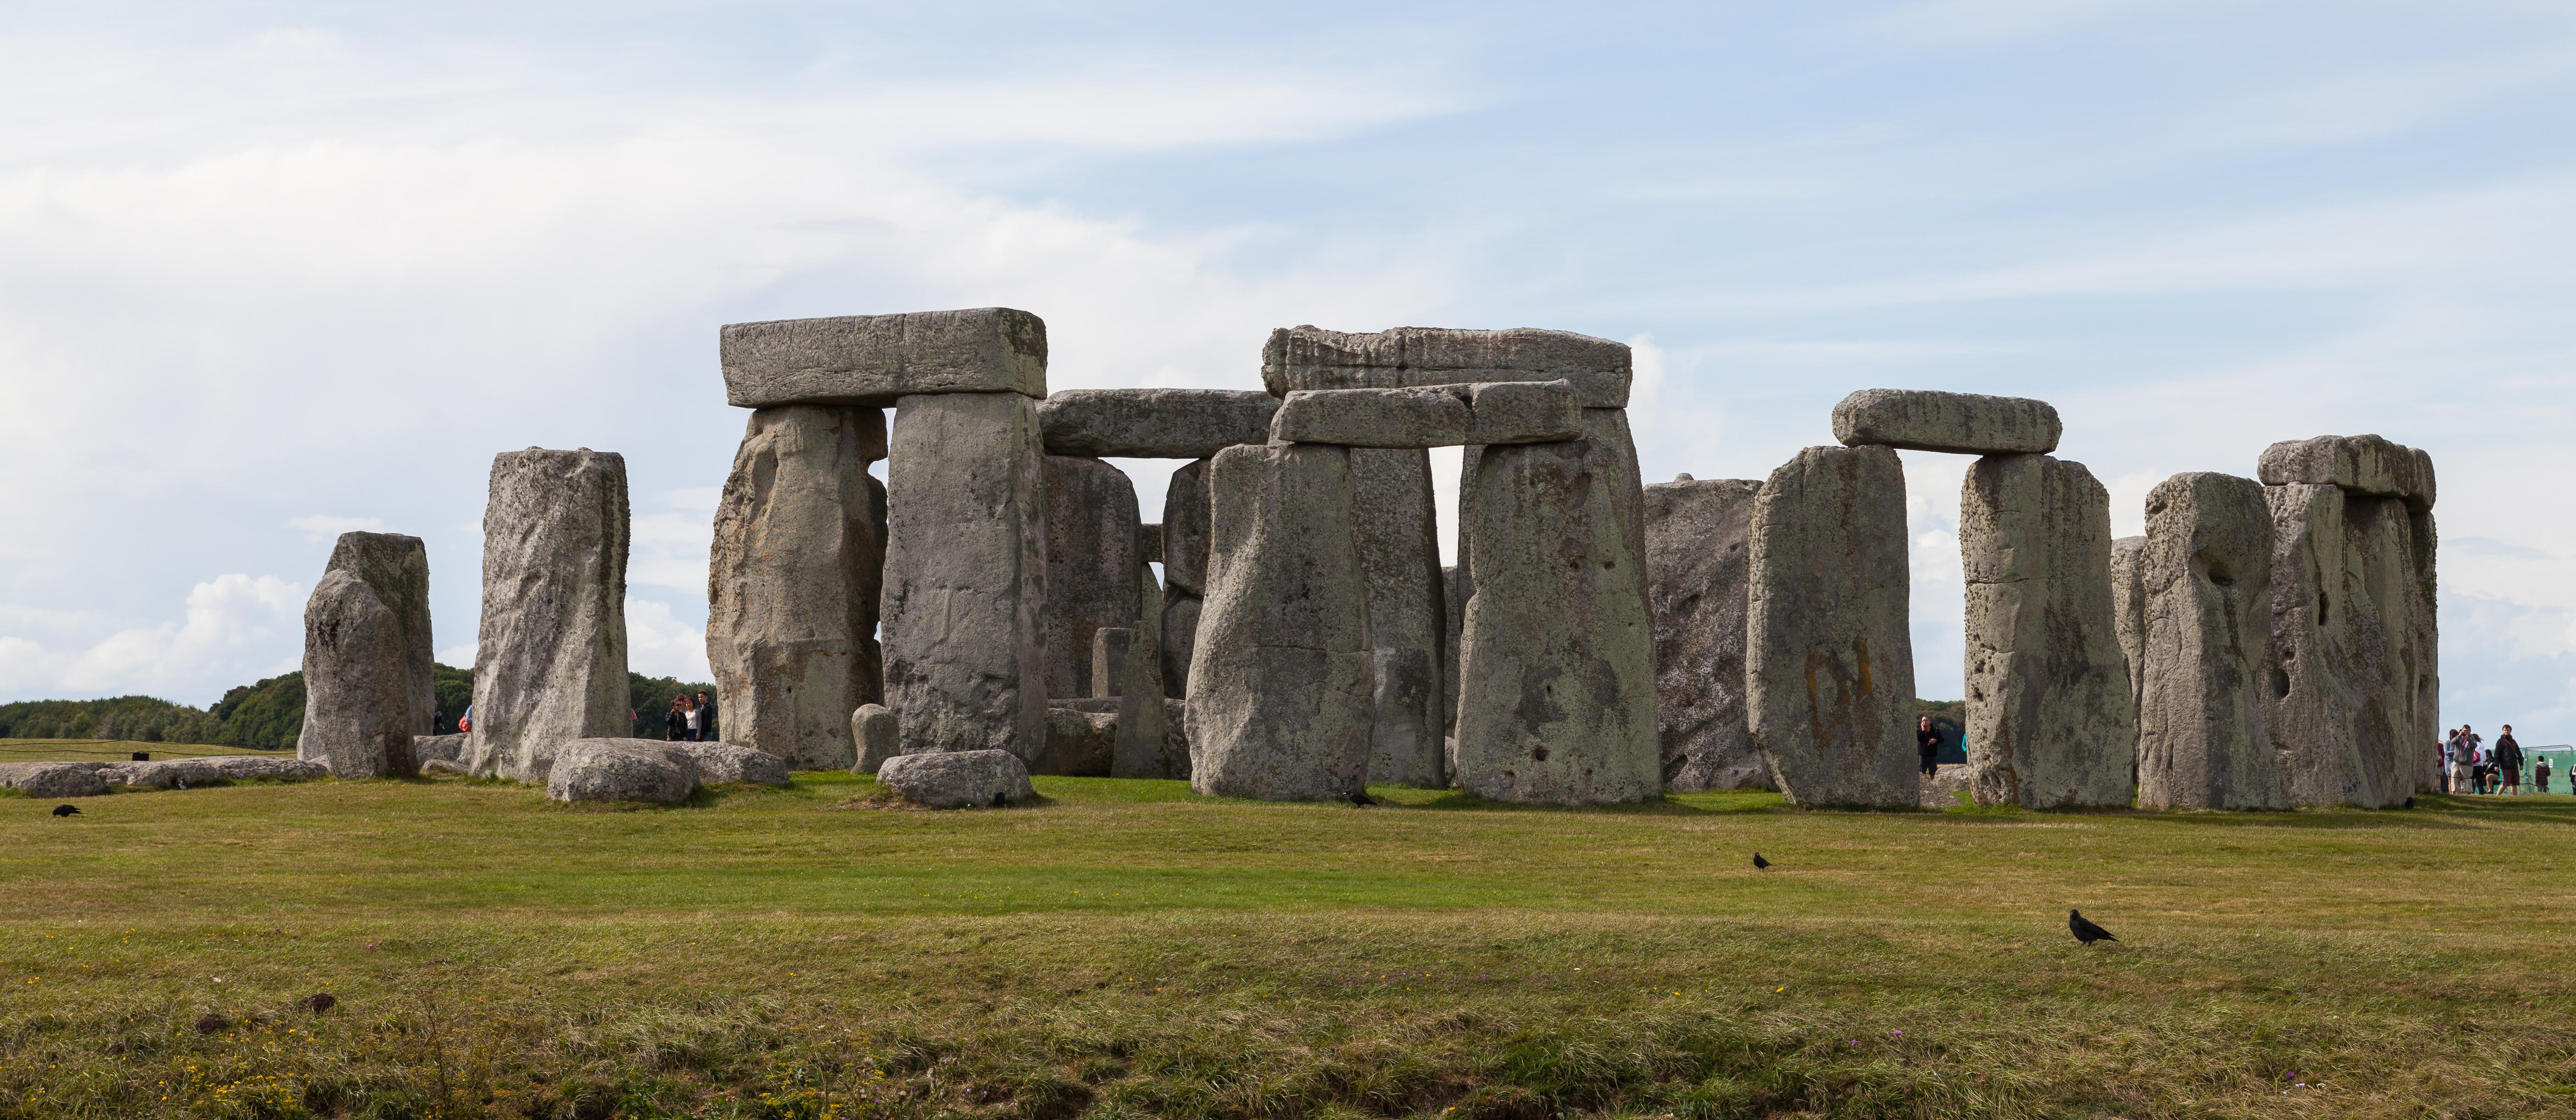 Stonehenge,_Condado_de_Wiltshire,_Inglat